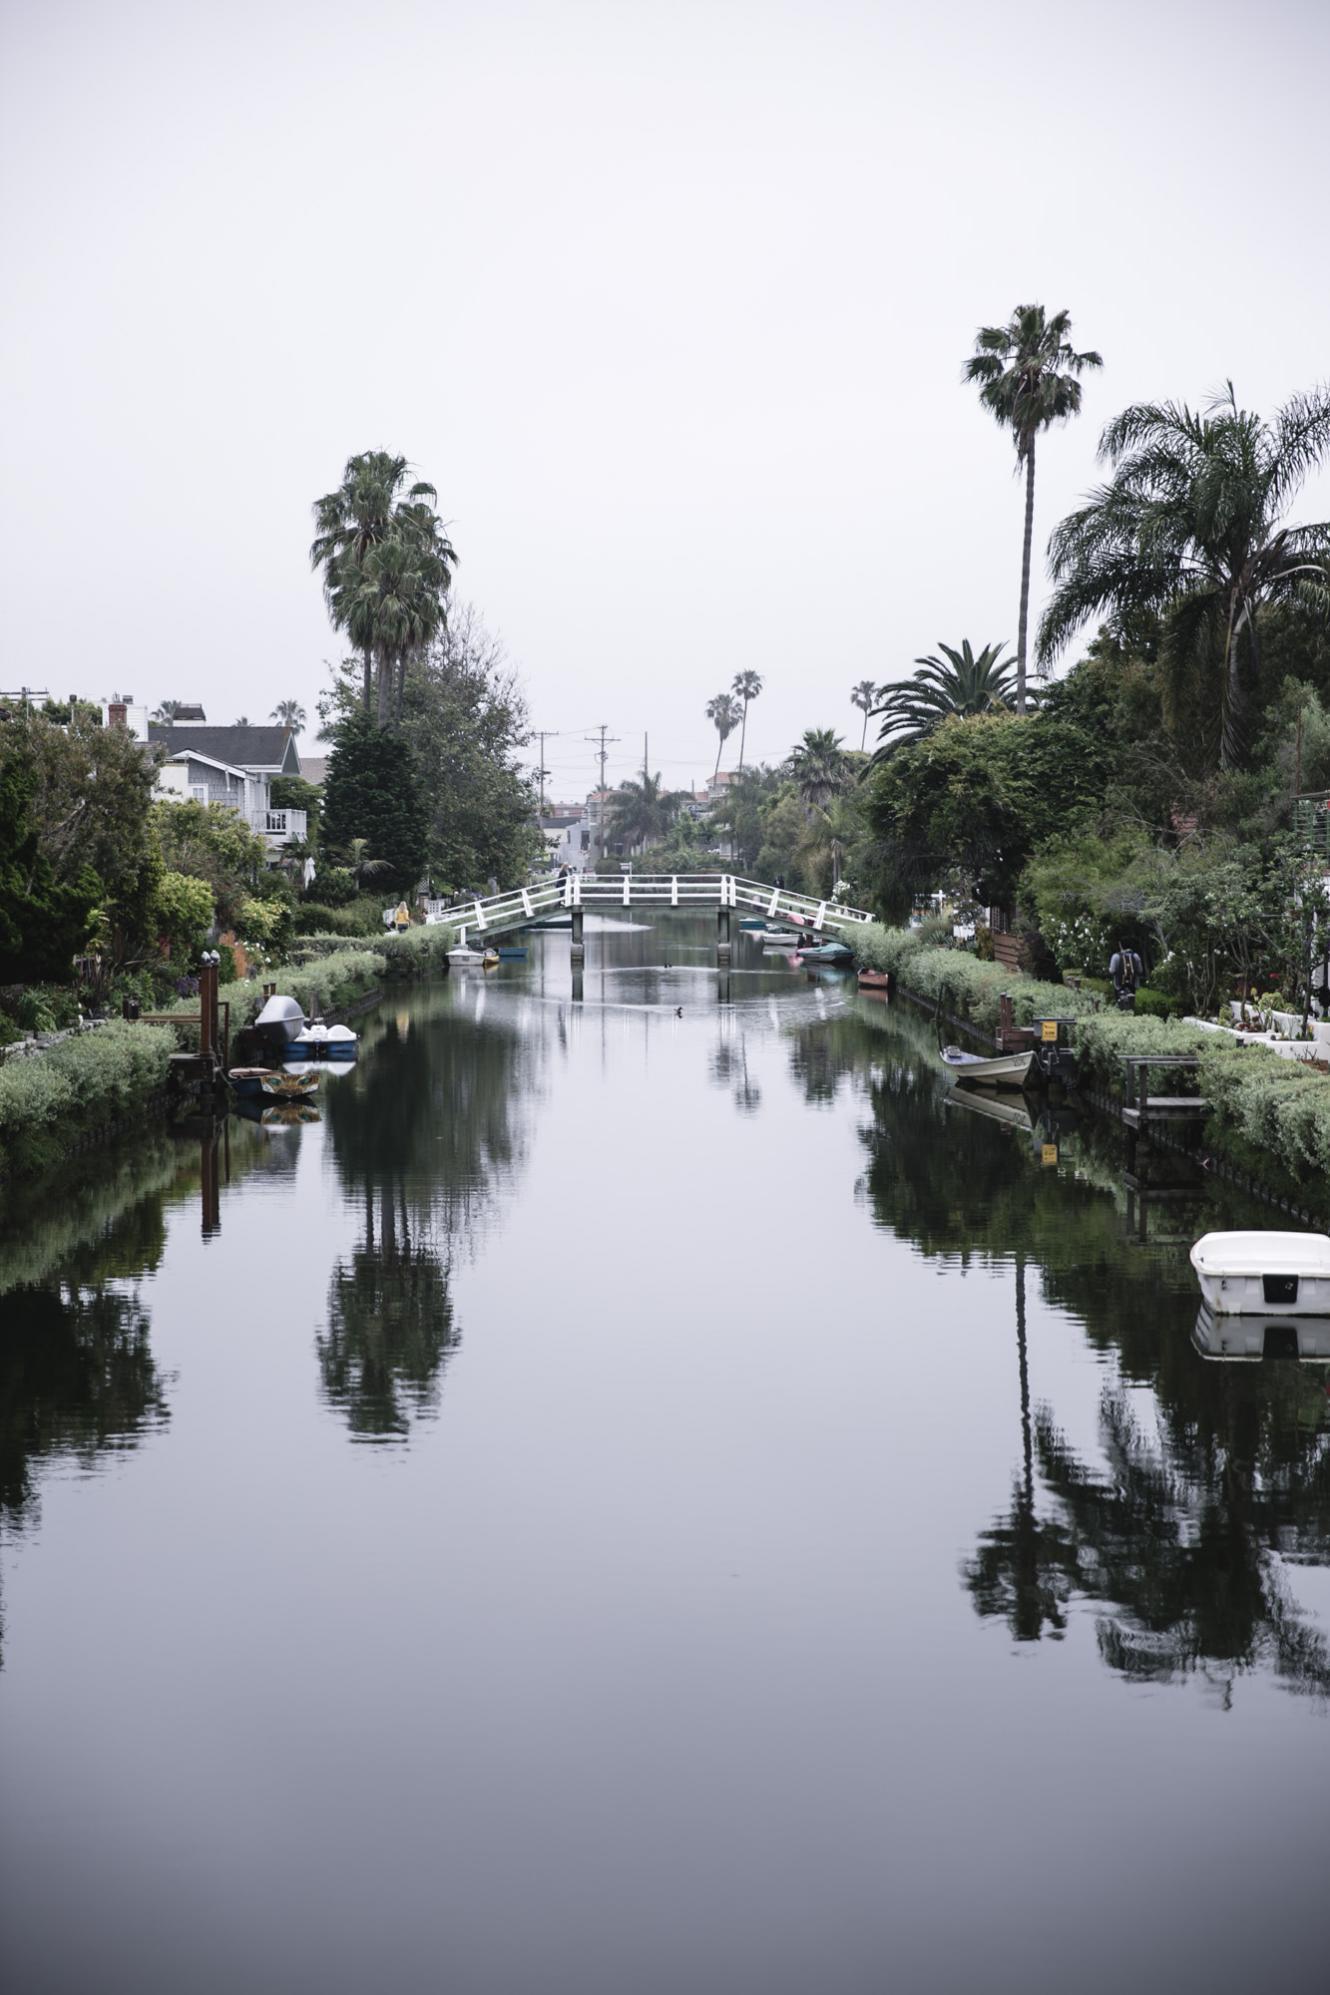 Venice canals, LA Calfiornia